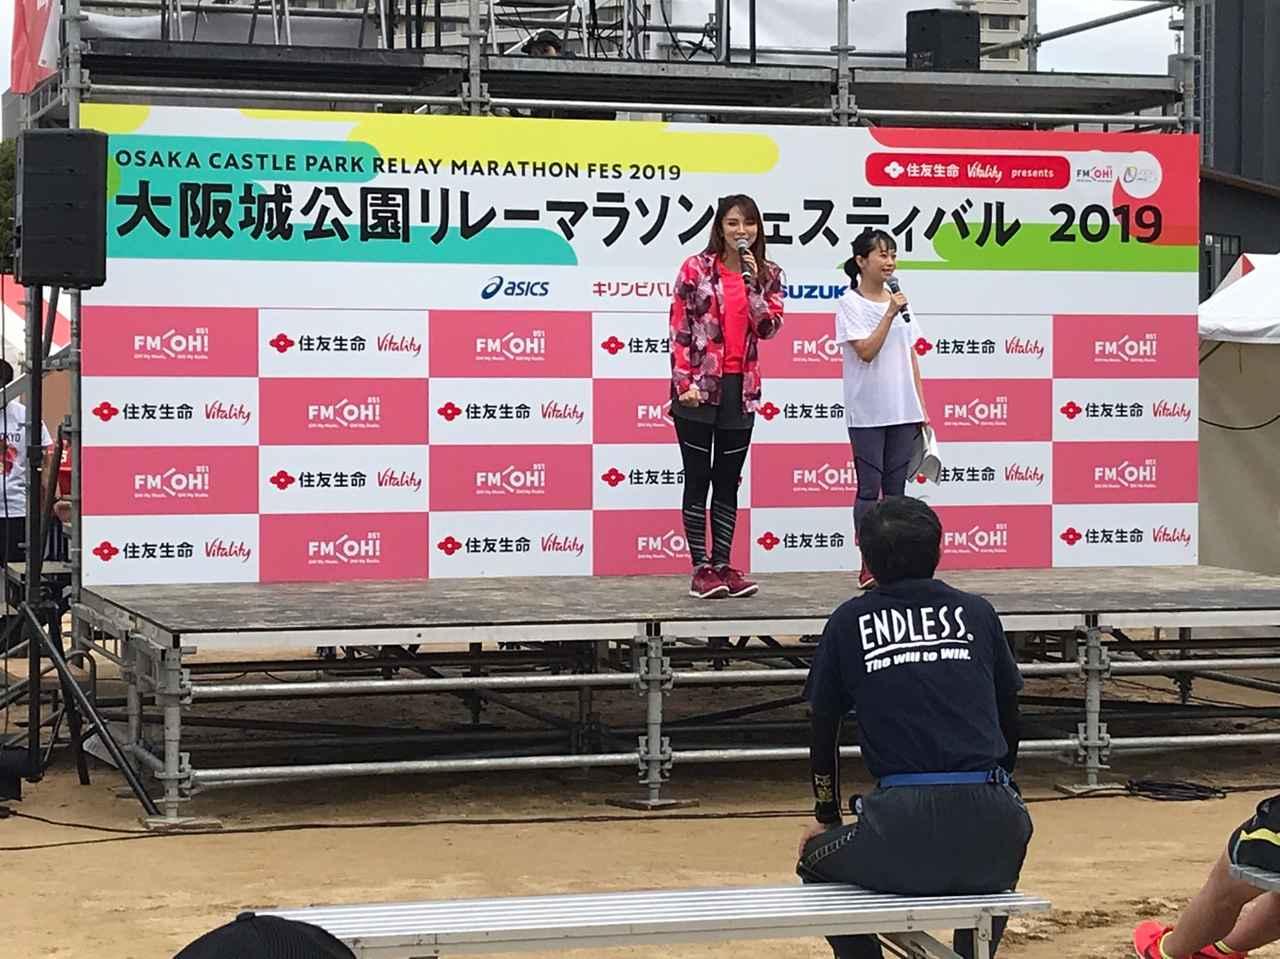 画像1: 住友生命「Vitality」presents 大阪城公園リレーマラソンフェスティバル2019